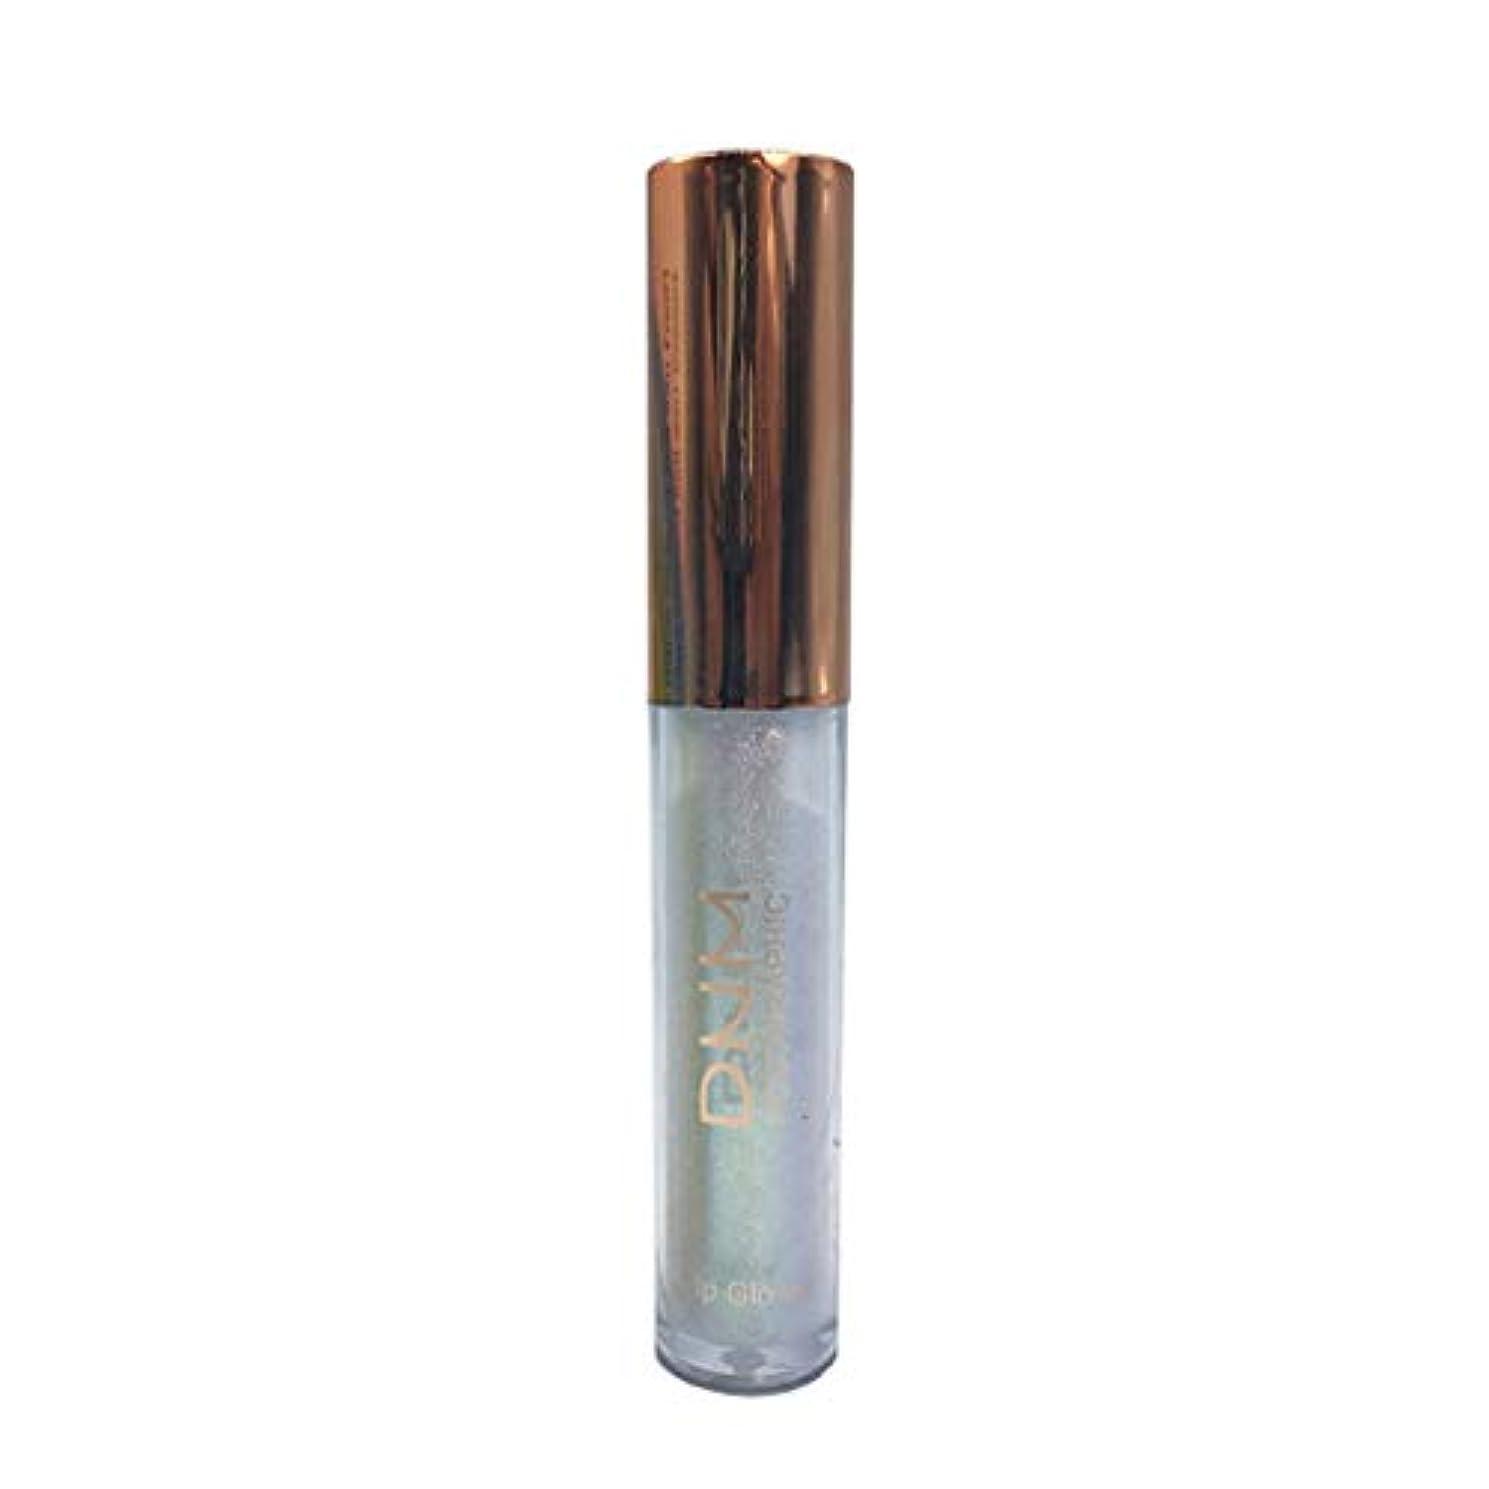 ランプ不変事前防水長続きがする液体は軽い口紅の構造の唇の光沢の唇を分極します